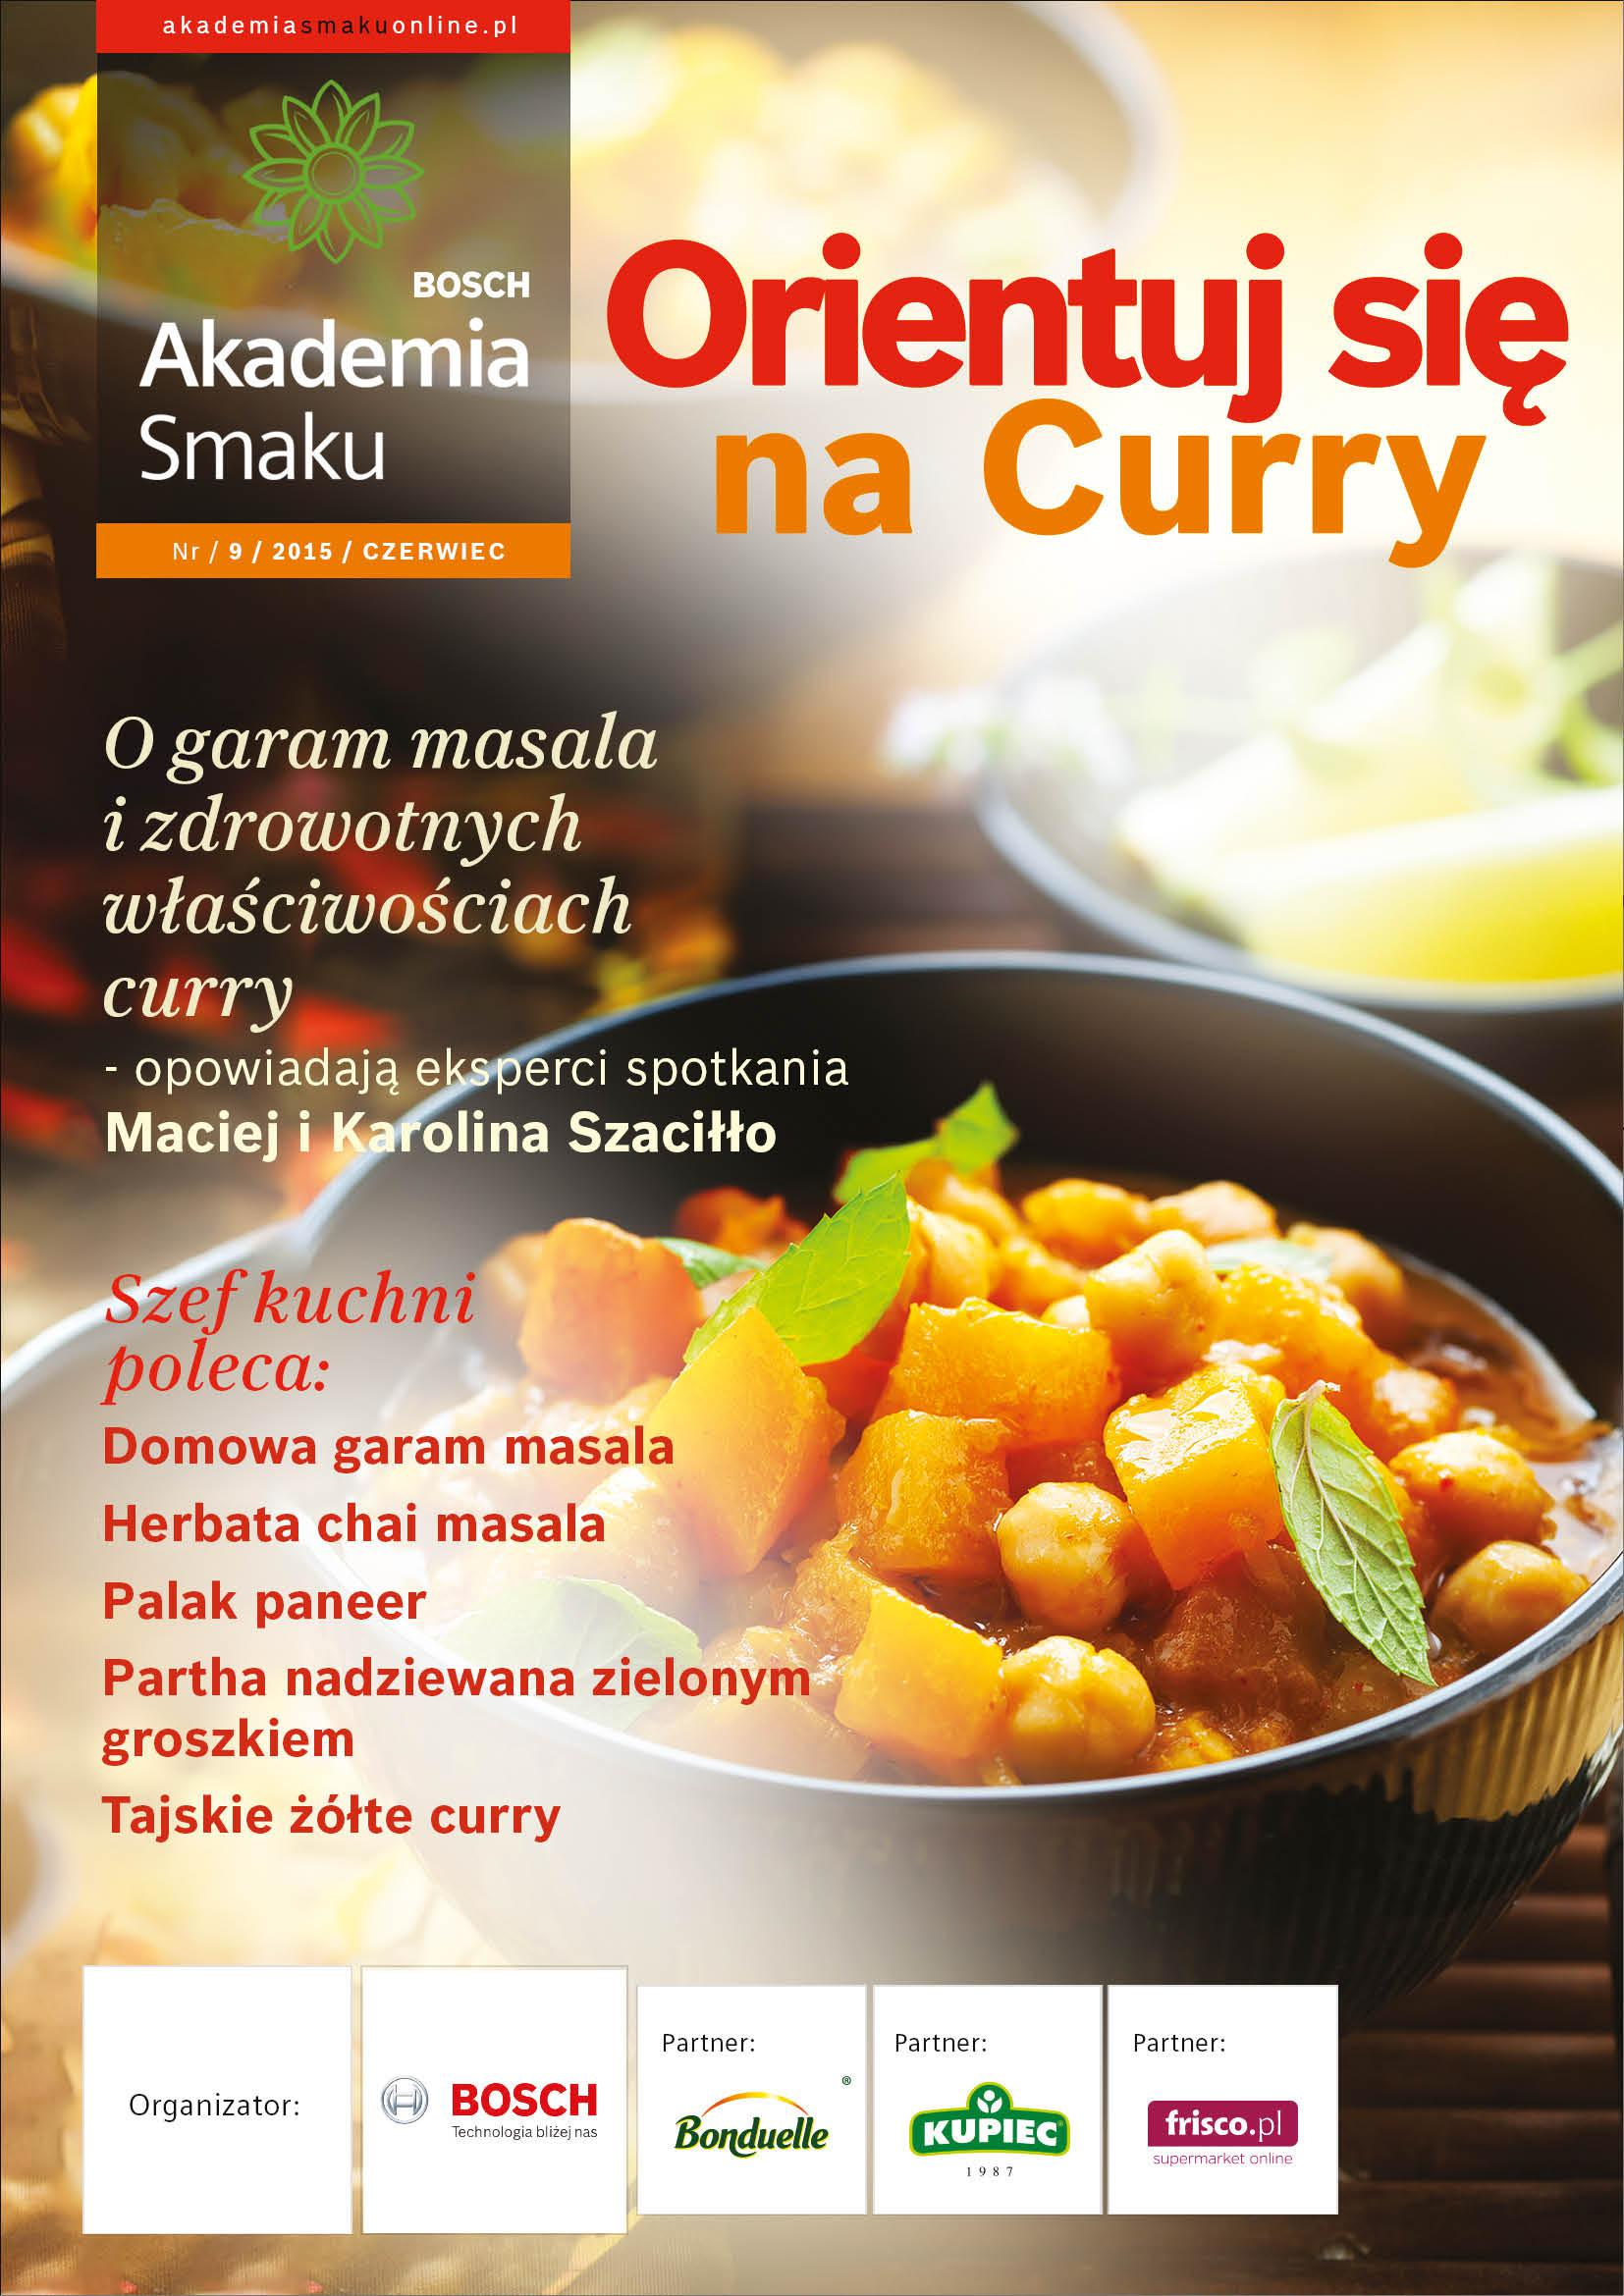 Orientuj się na curry - Strona 1